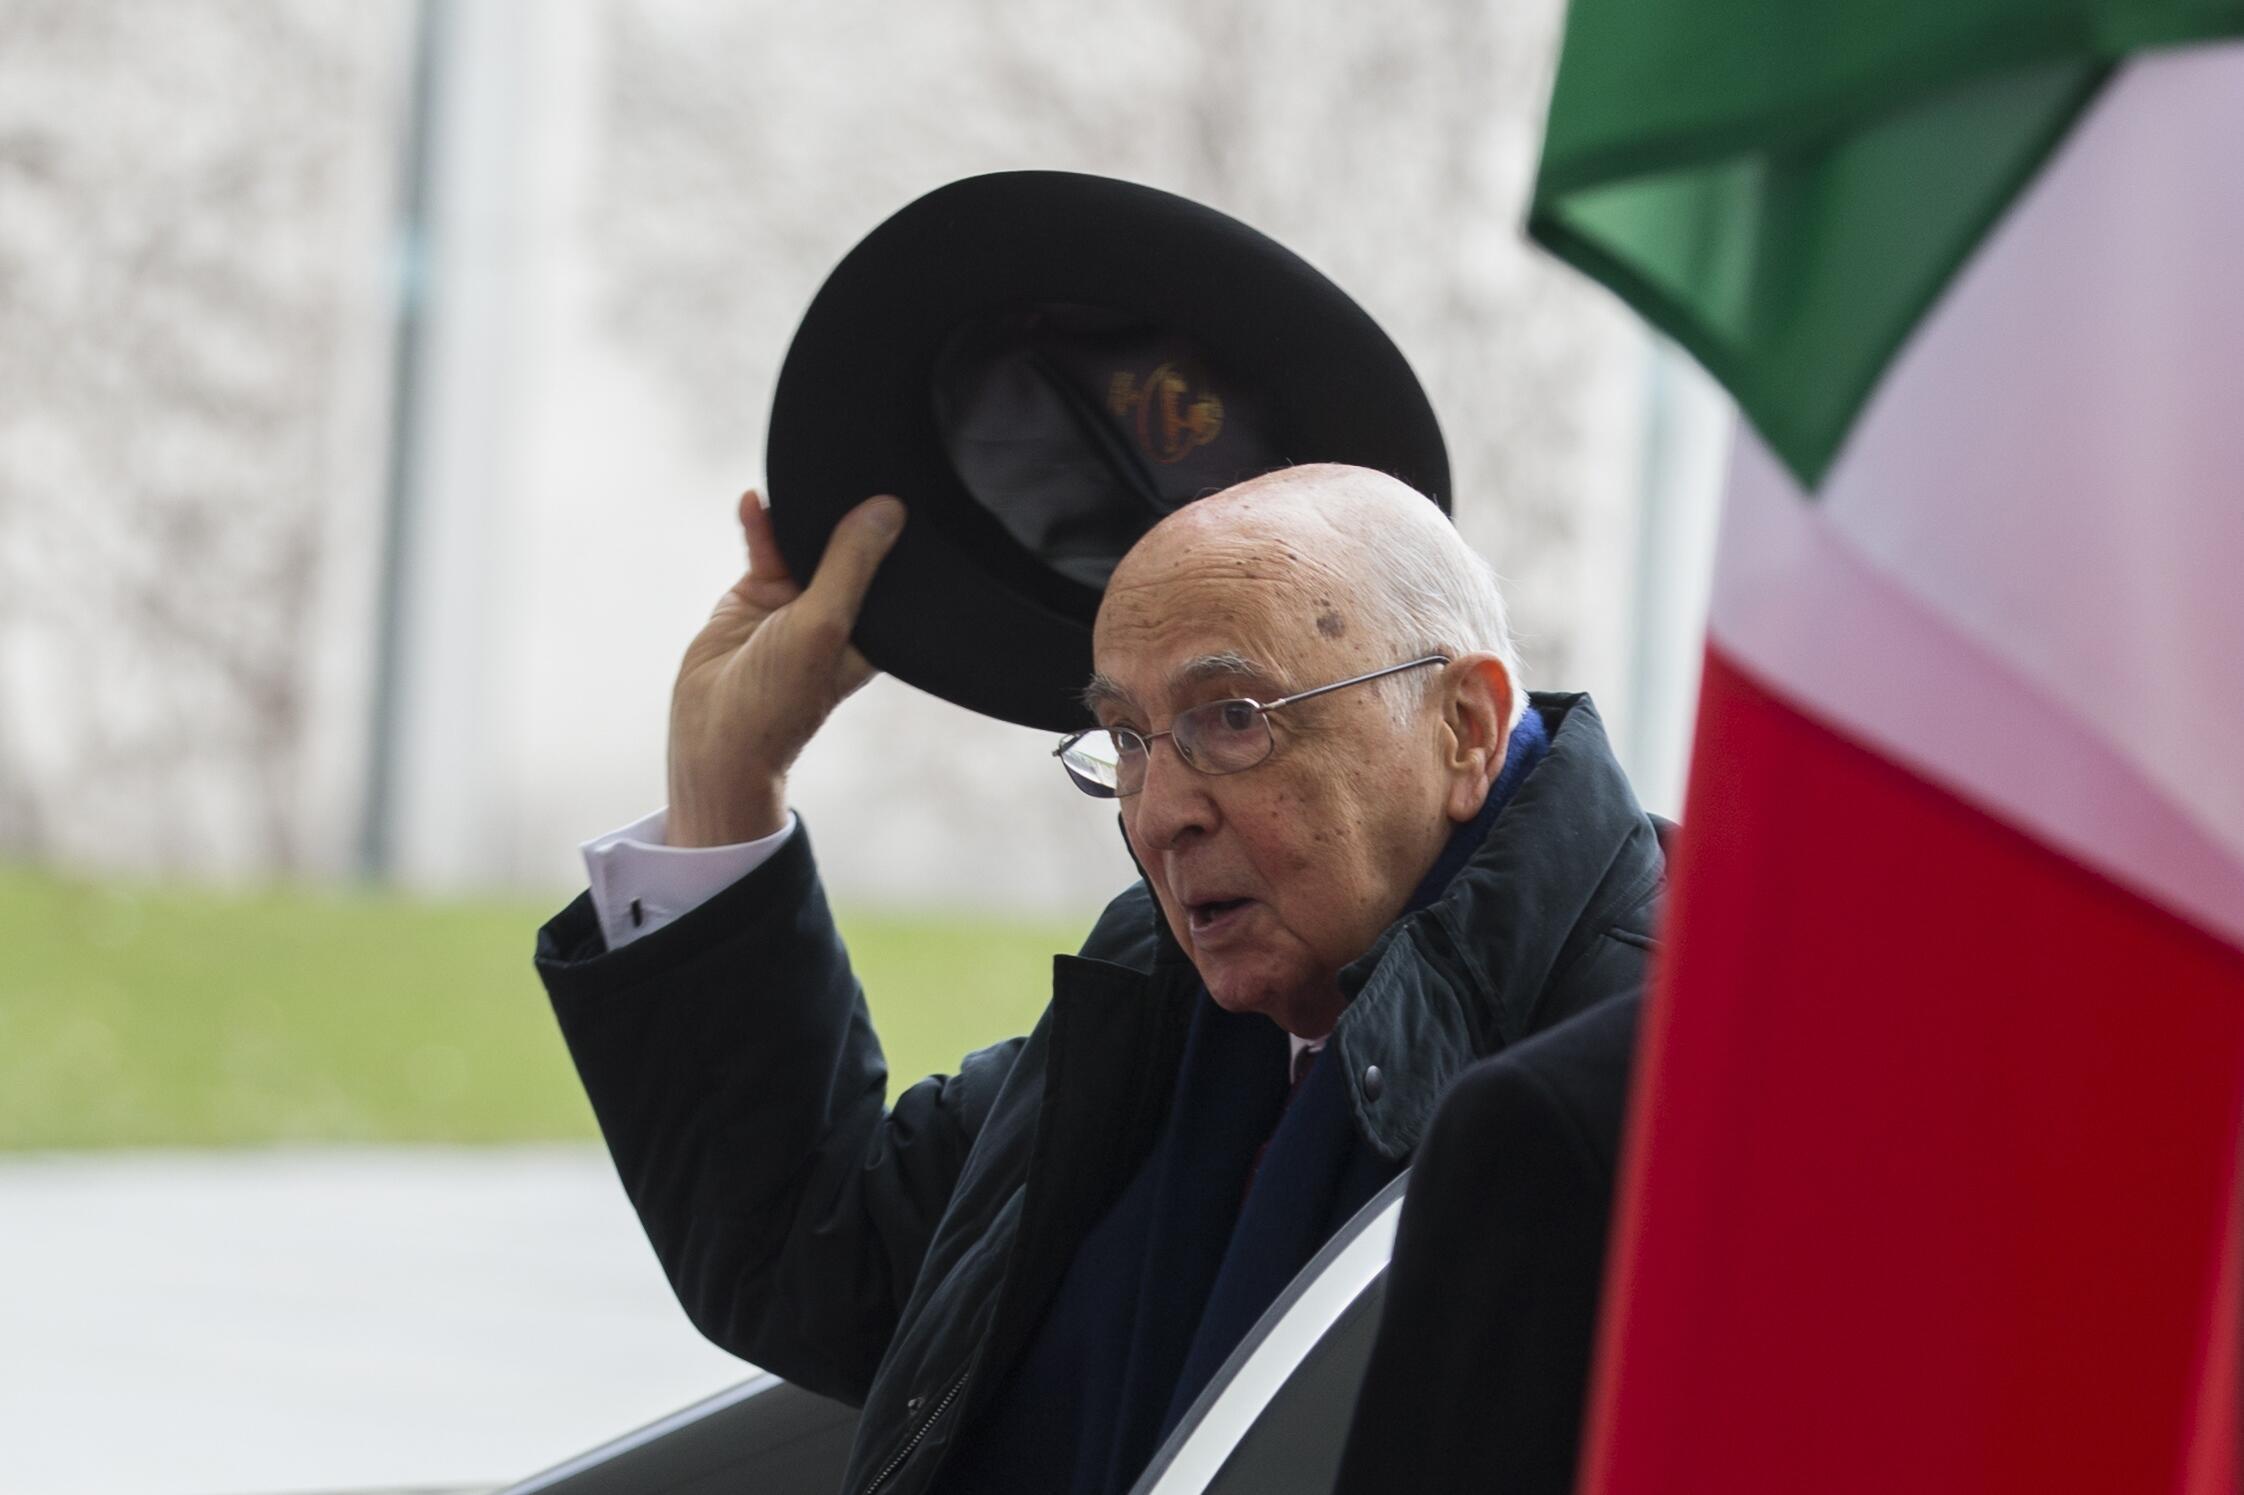 O presidente Giorgio Napolitano em Berlim, em 28 de fevereiro de 2013